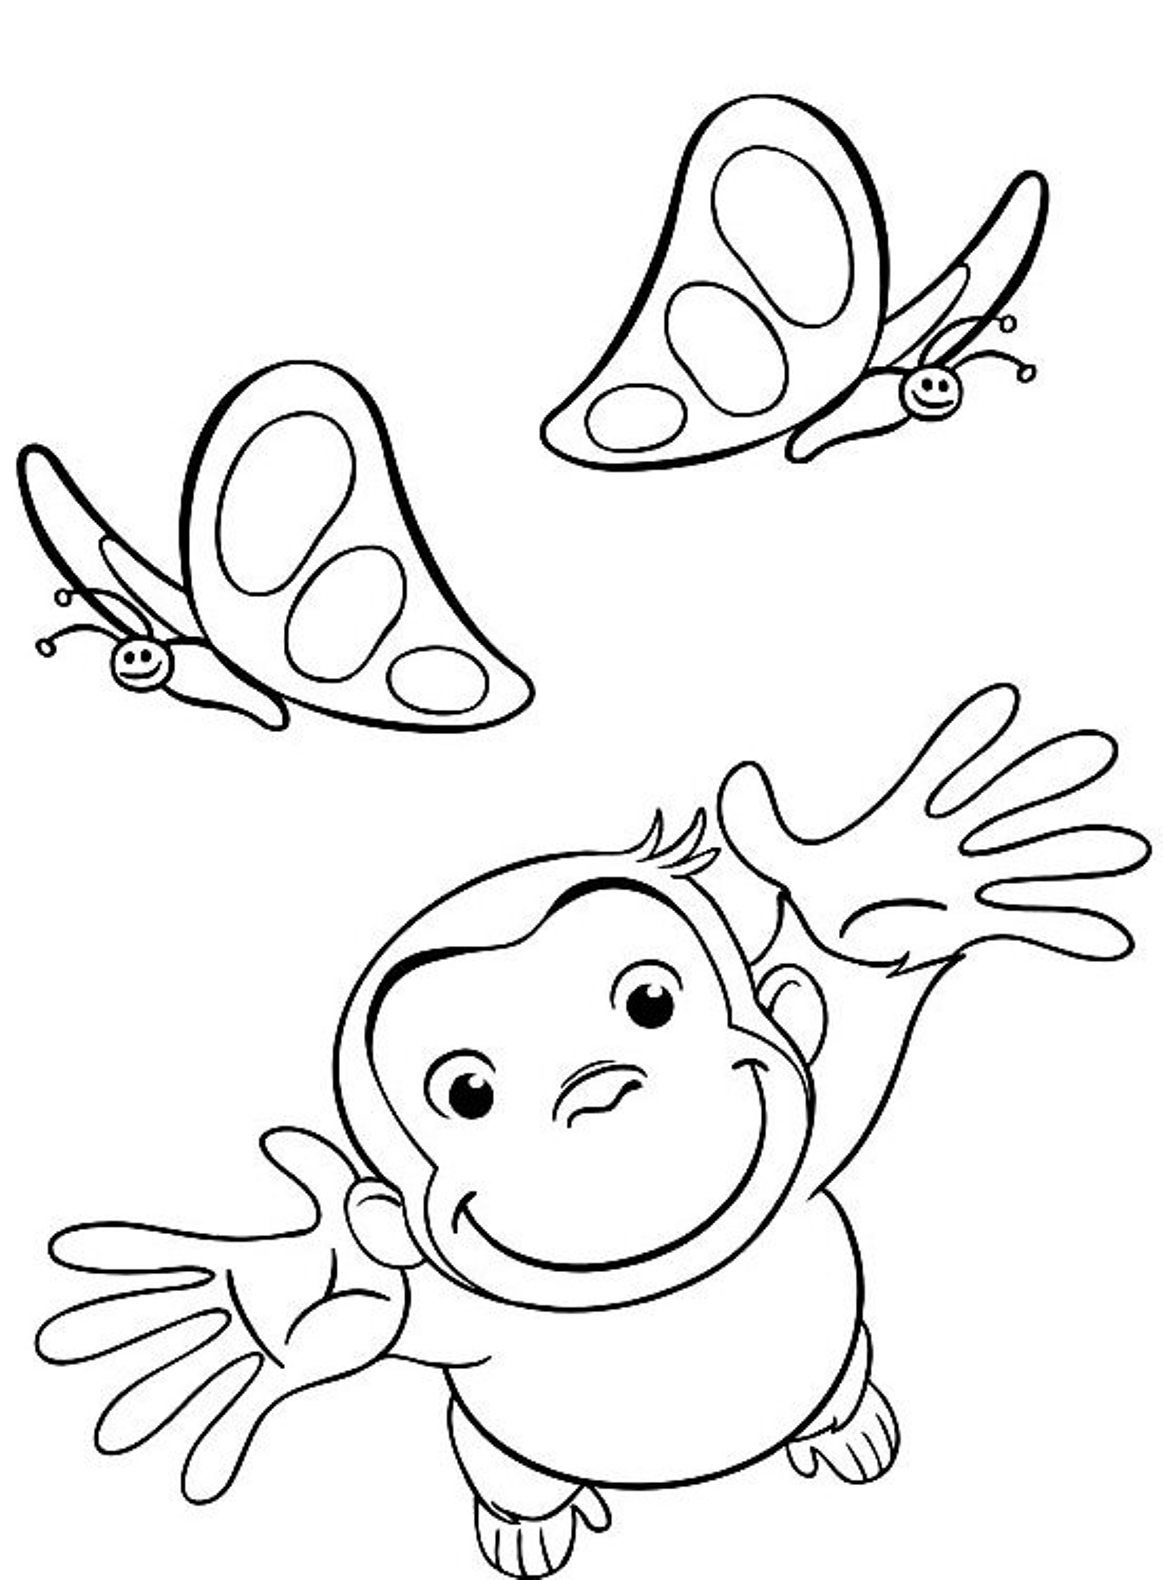 Tranh tô màu bàn tay chú khỉ